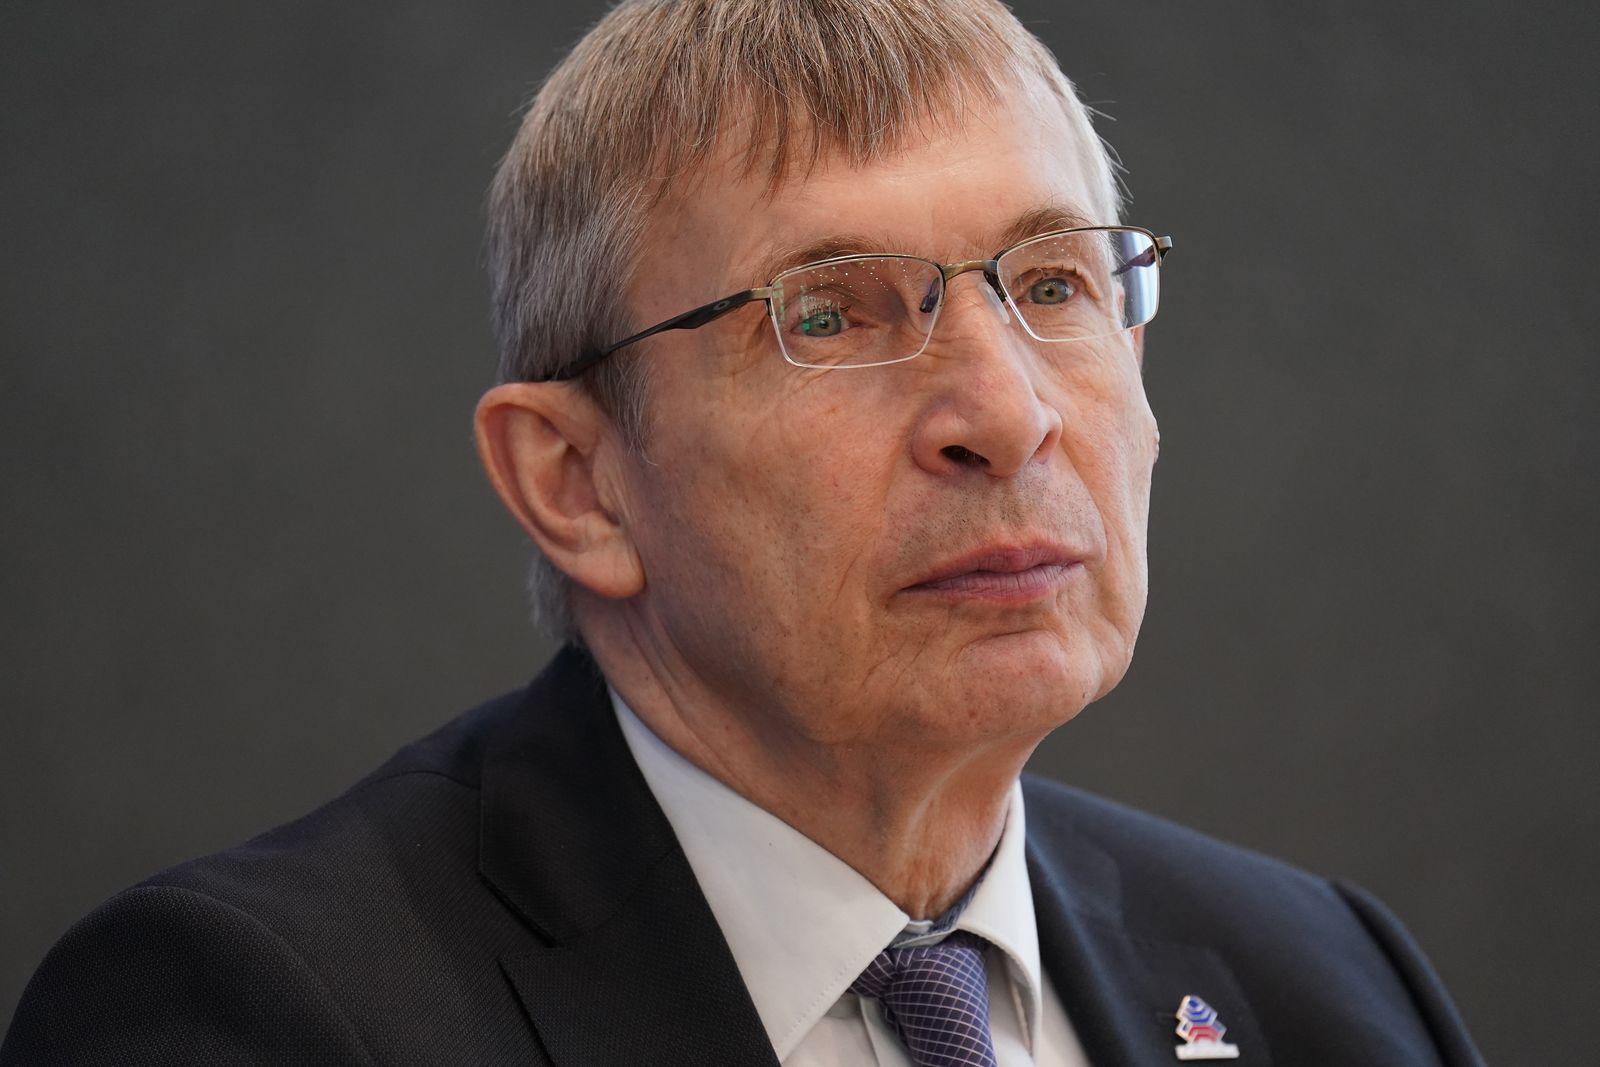 Klaus Cichutek